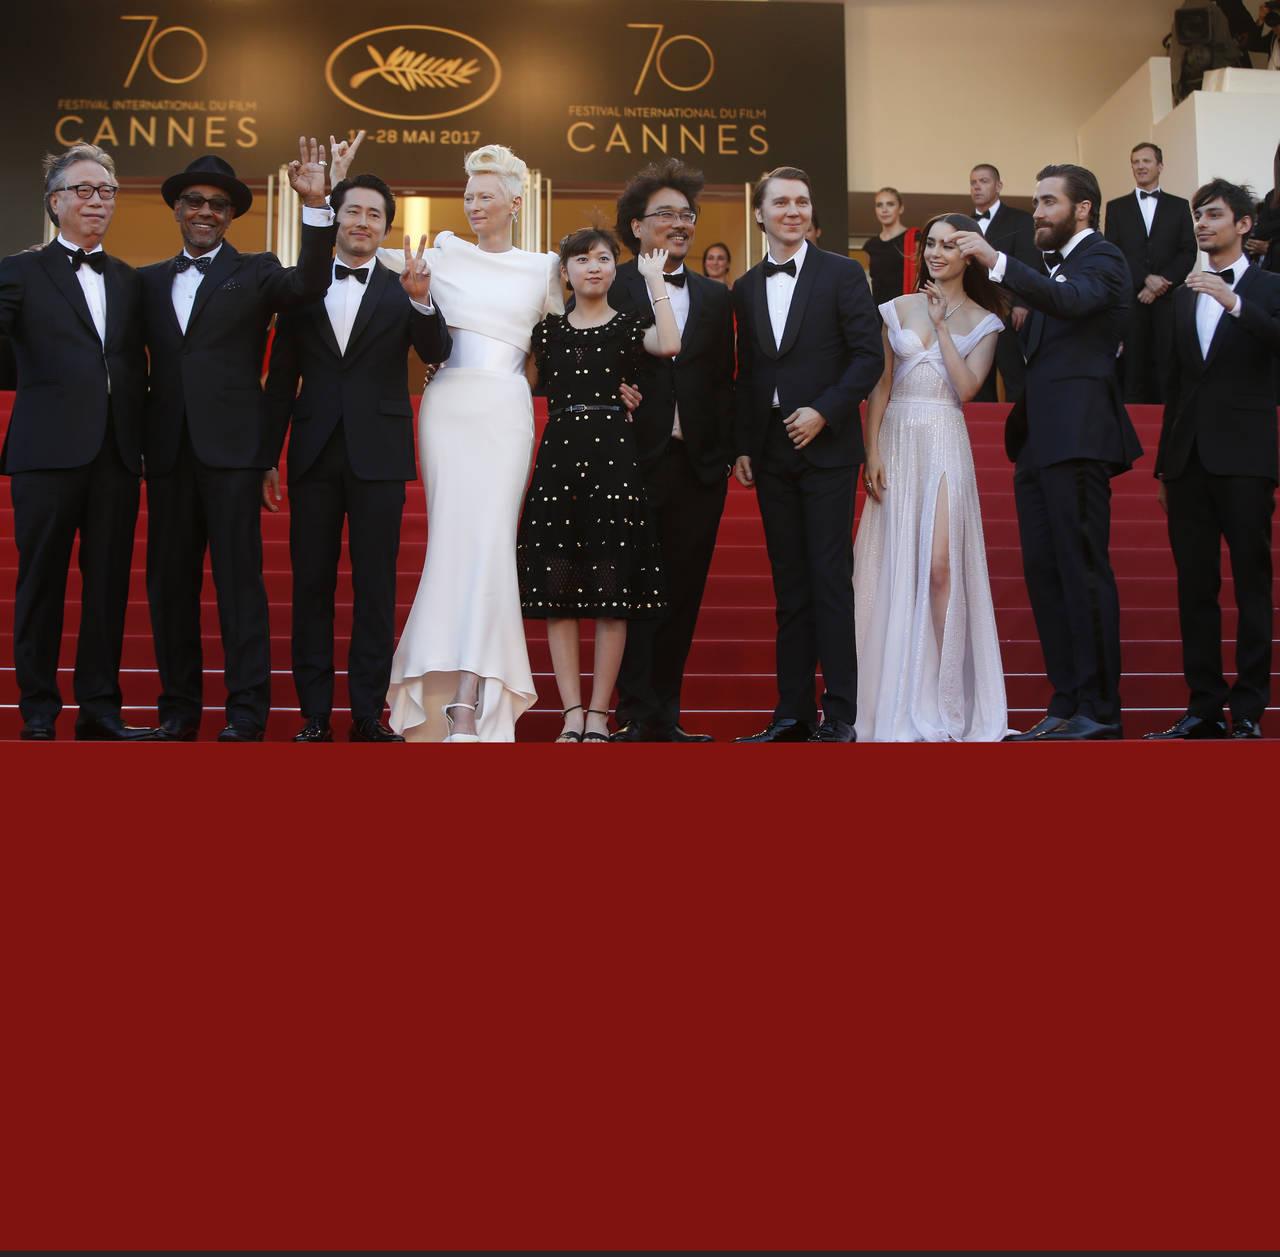 Cannes, entre polémica, abucheos y lágrimas